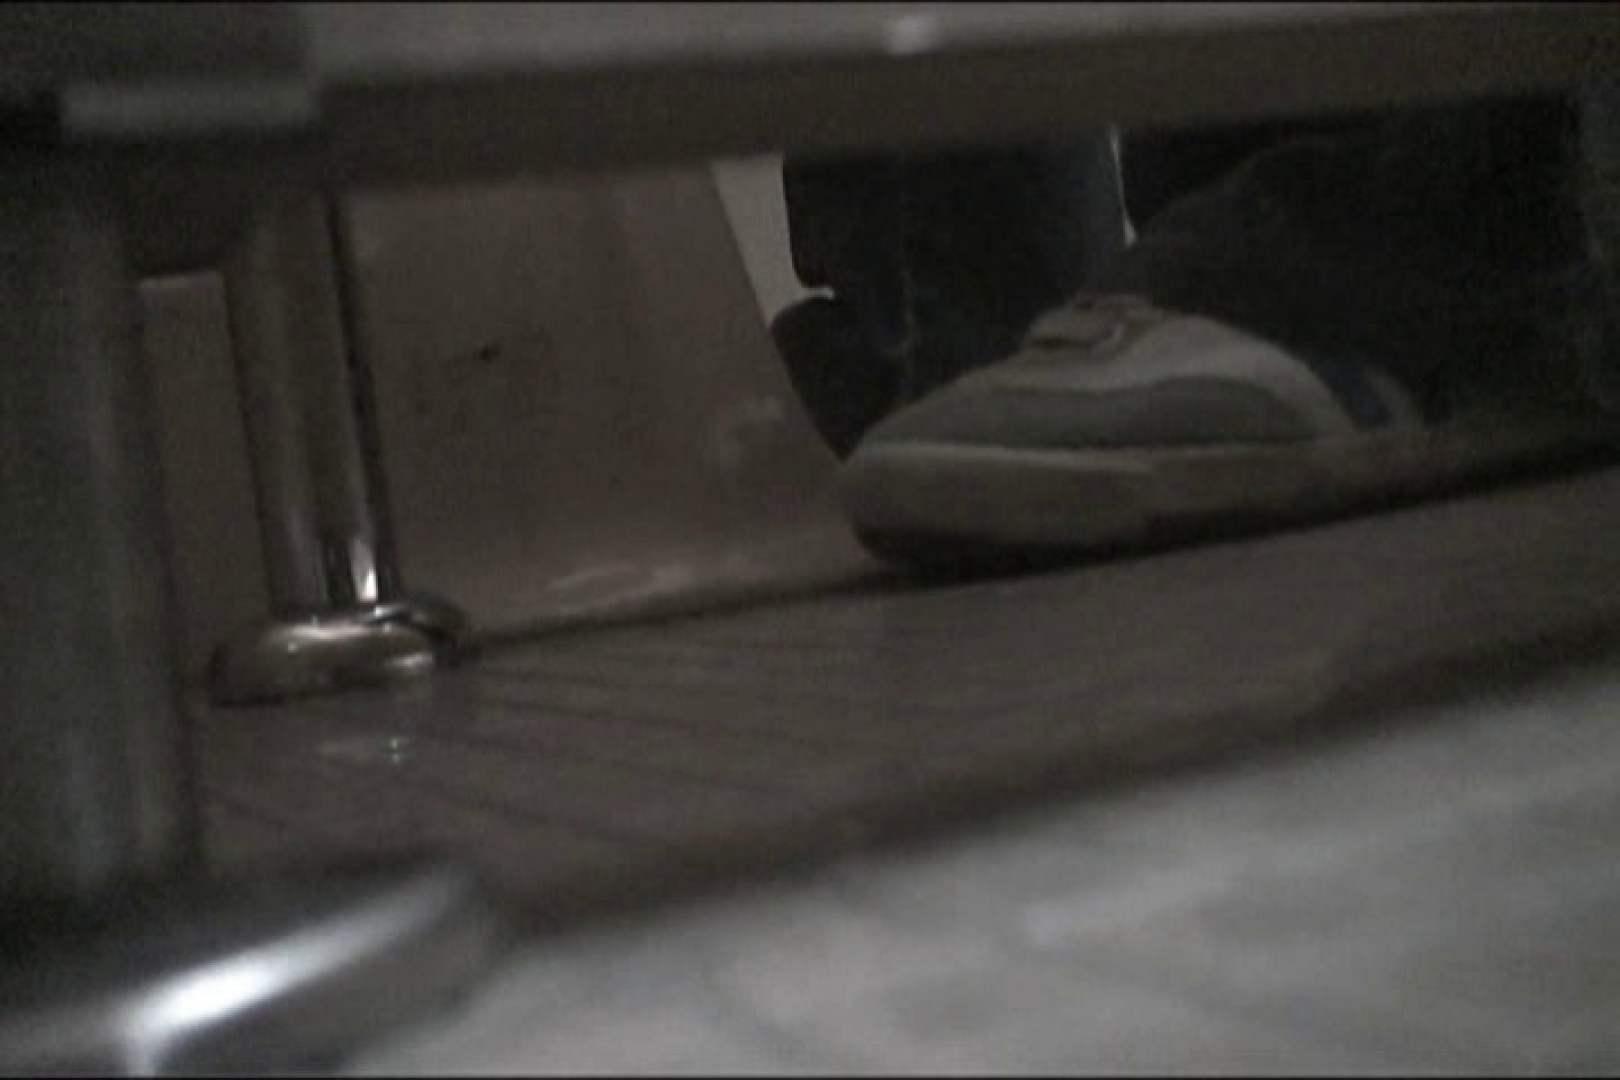 マンコ丸見え女子洗面所Vol.15 エロティックなOL おまんこ無修正動画無料 101画像 86